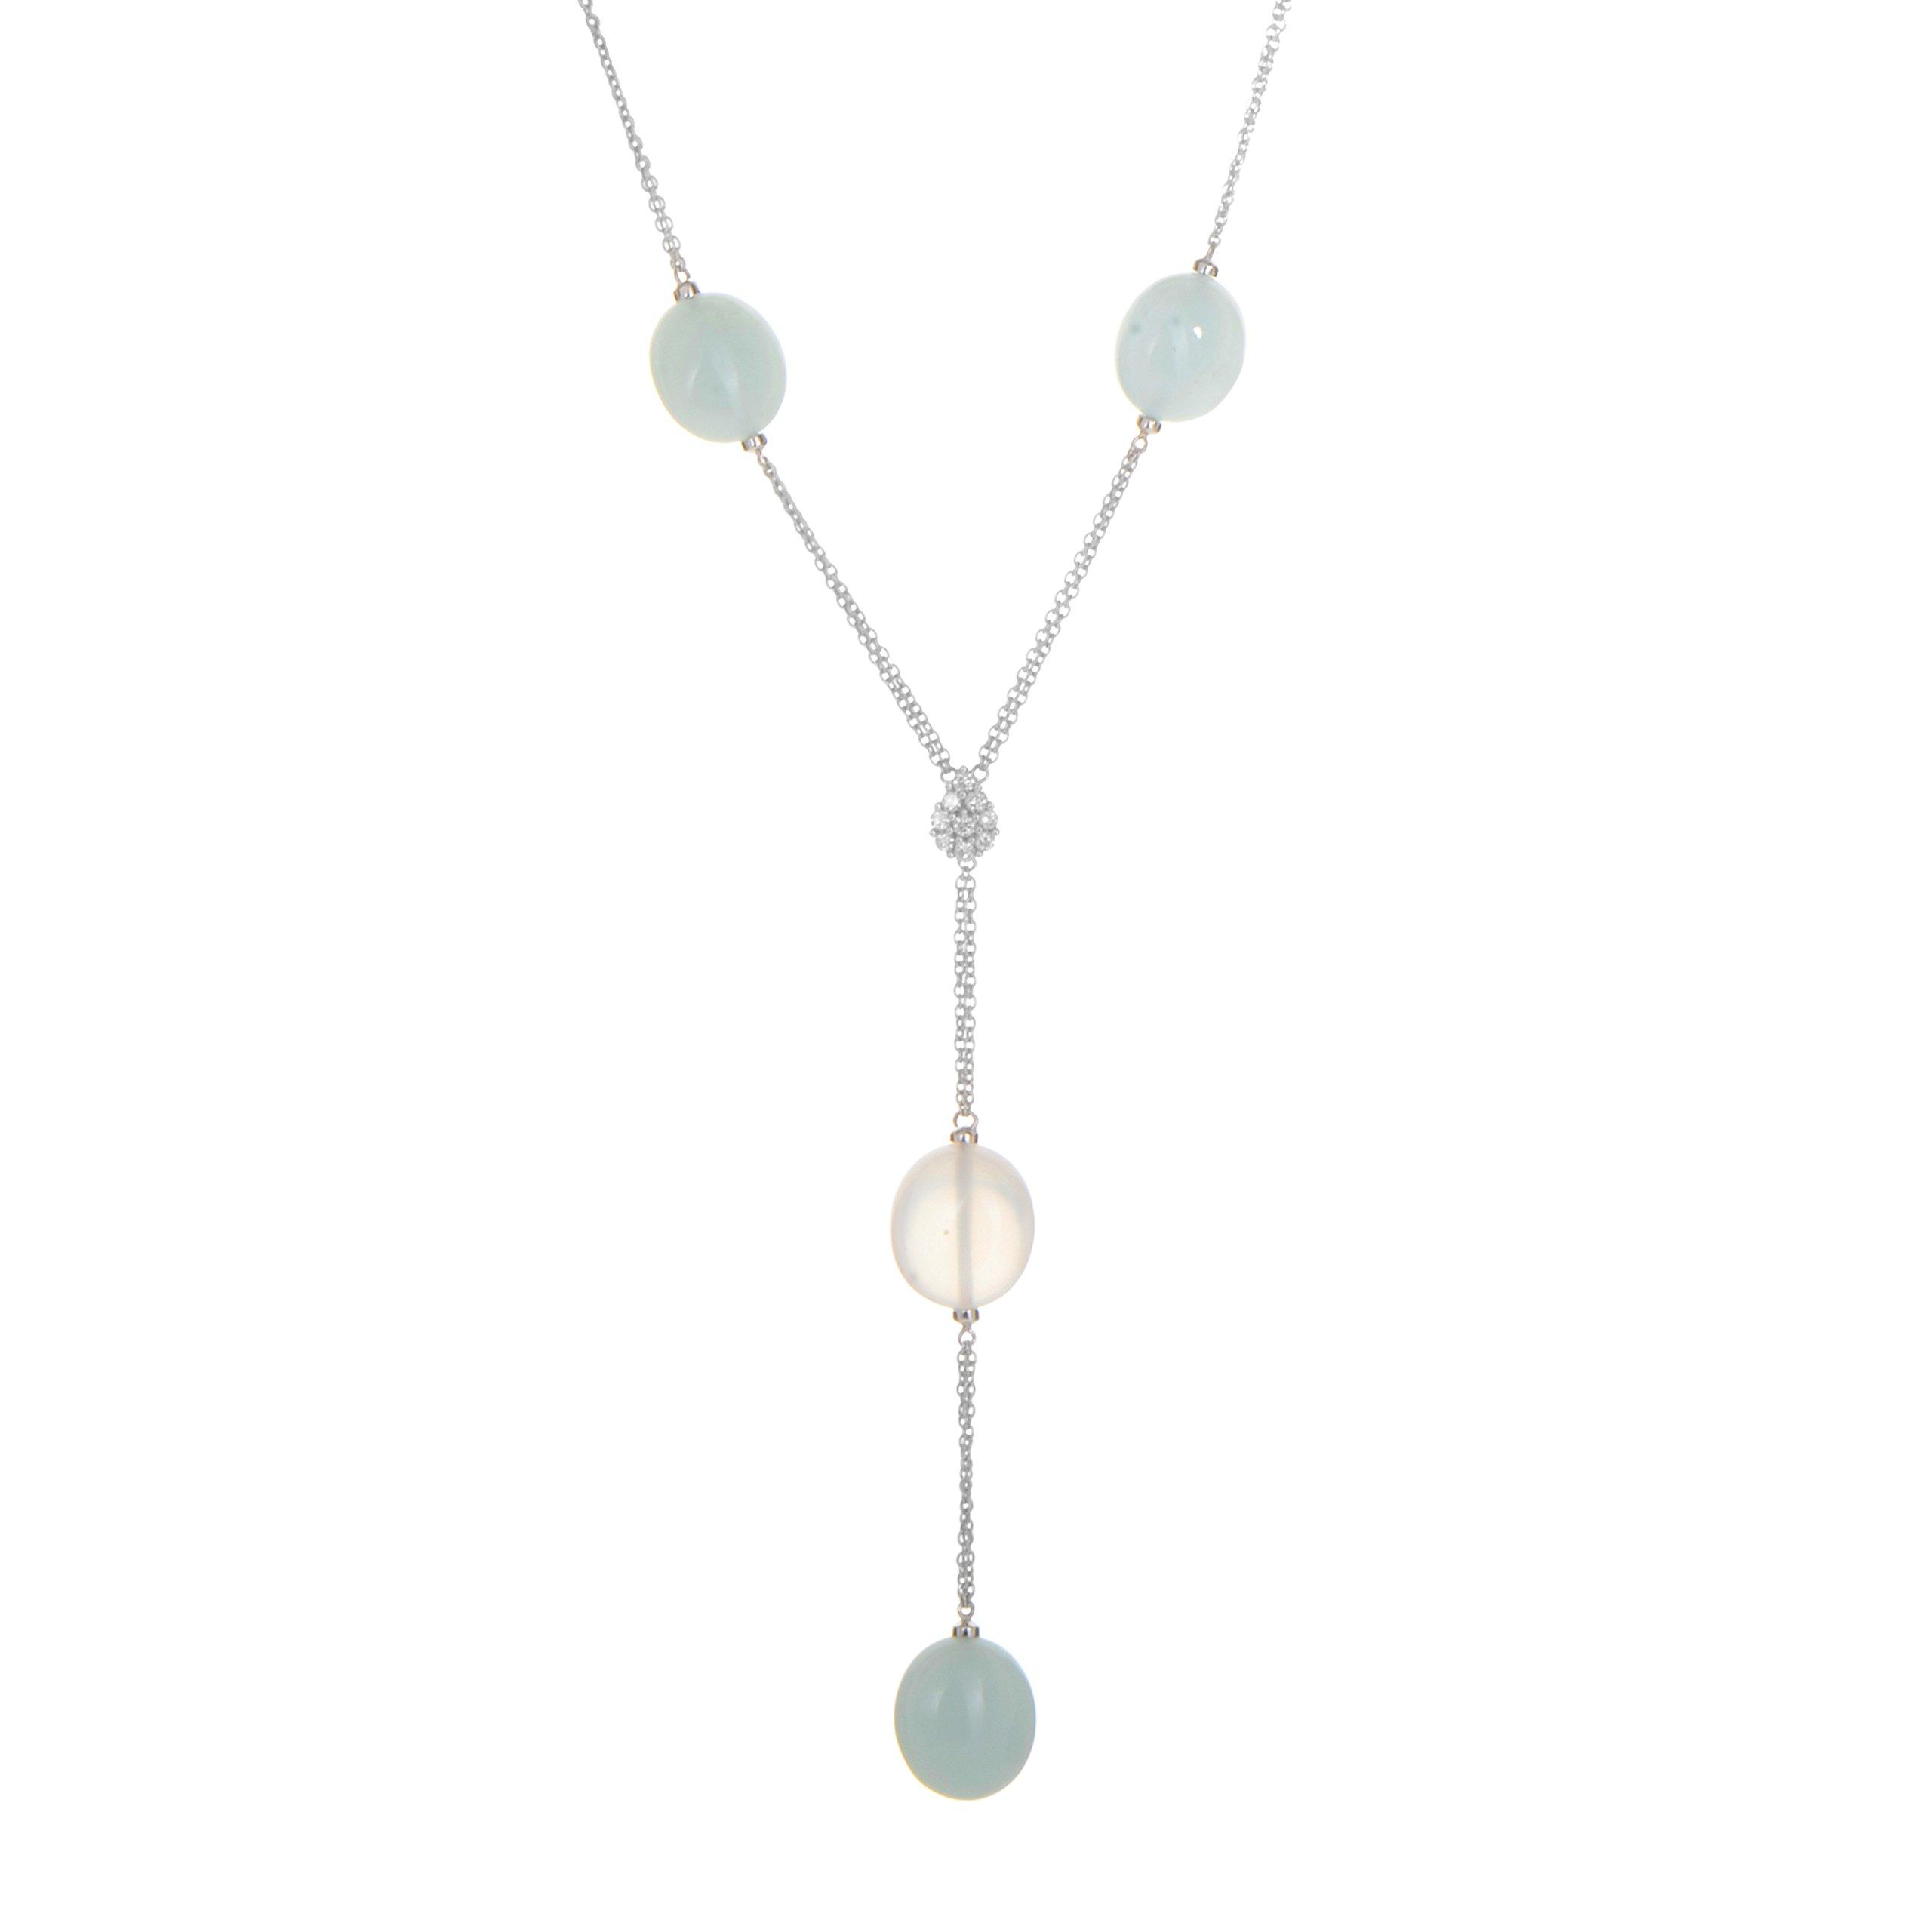 Damiani 18K White Gold Gemstone & Diamond Lariat Style Necklace 20014798